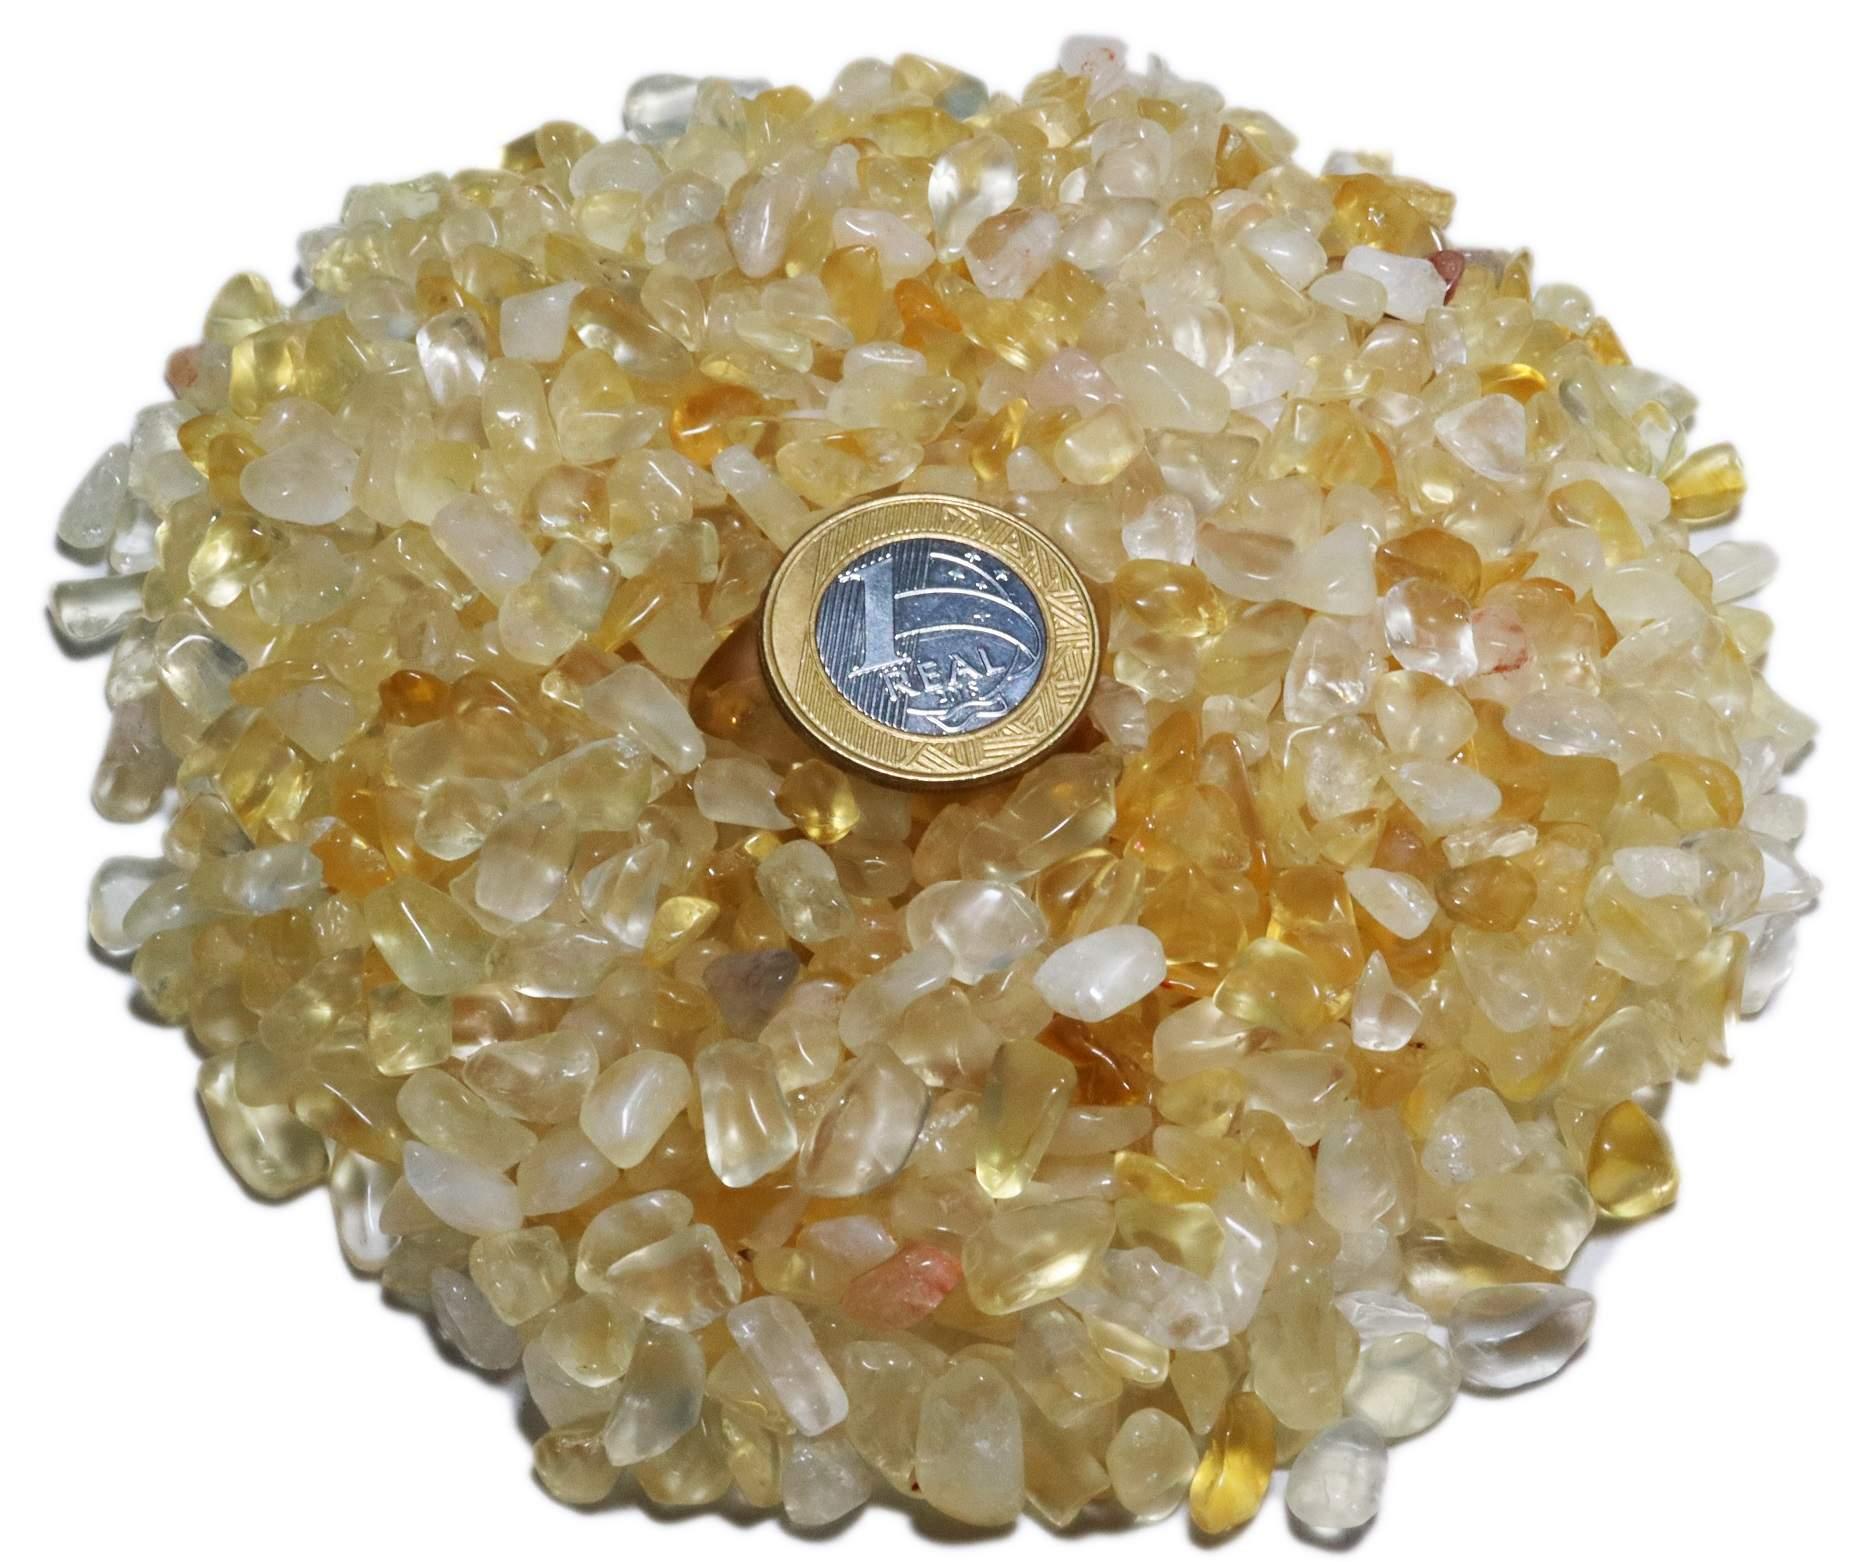 1kg De Cascalho De Pedra Citrino Natural